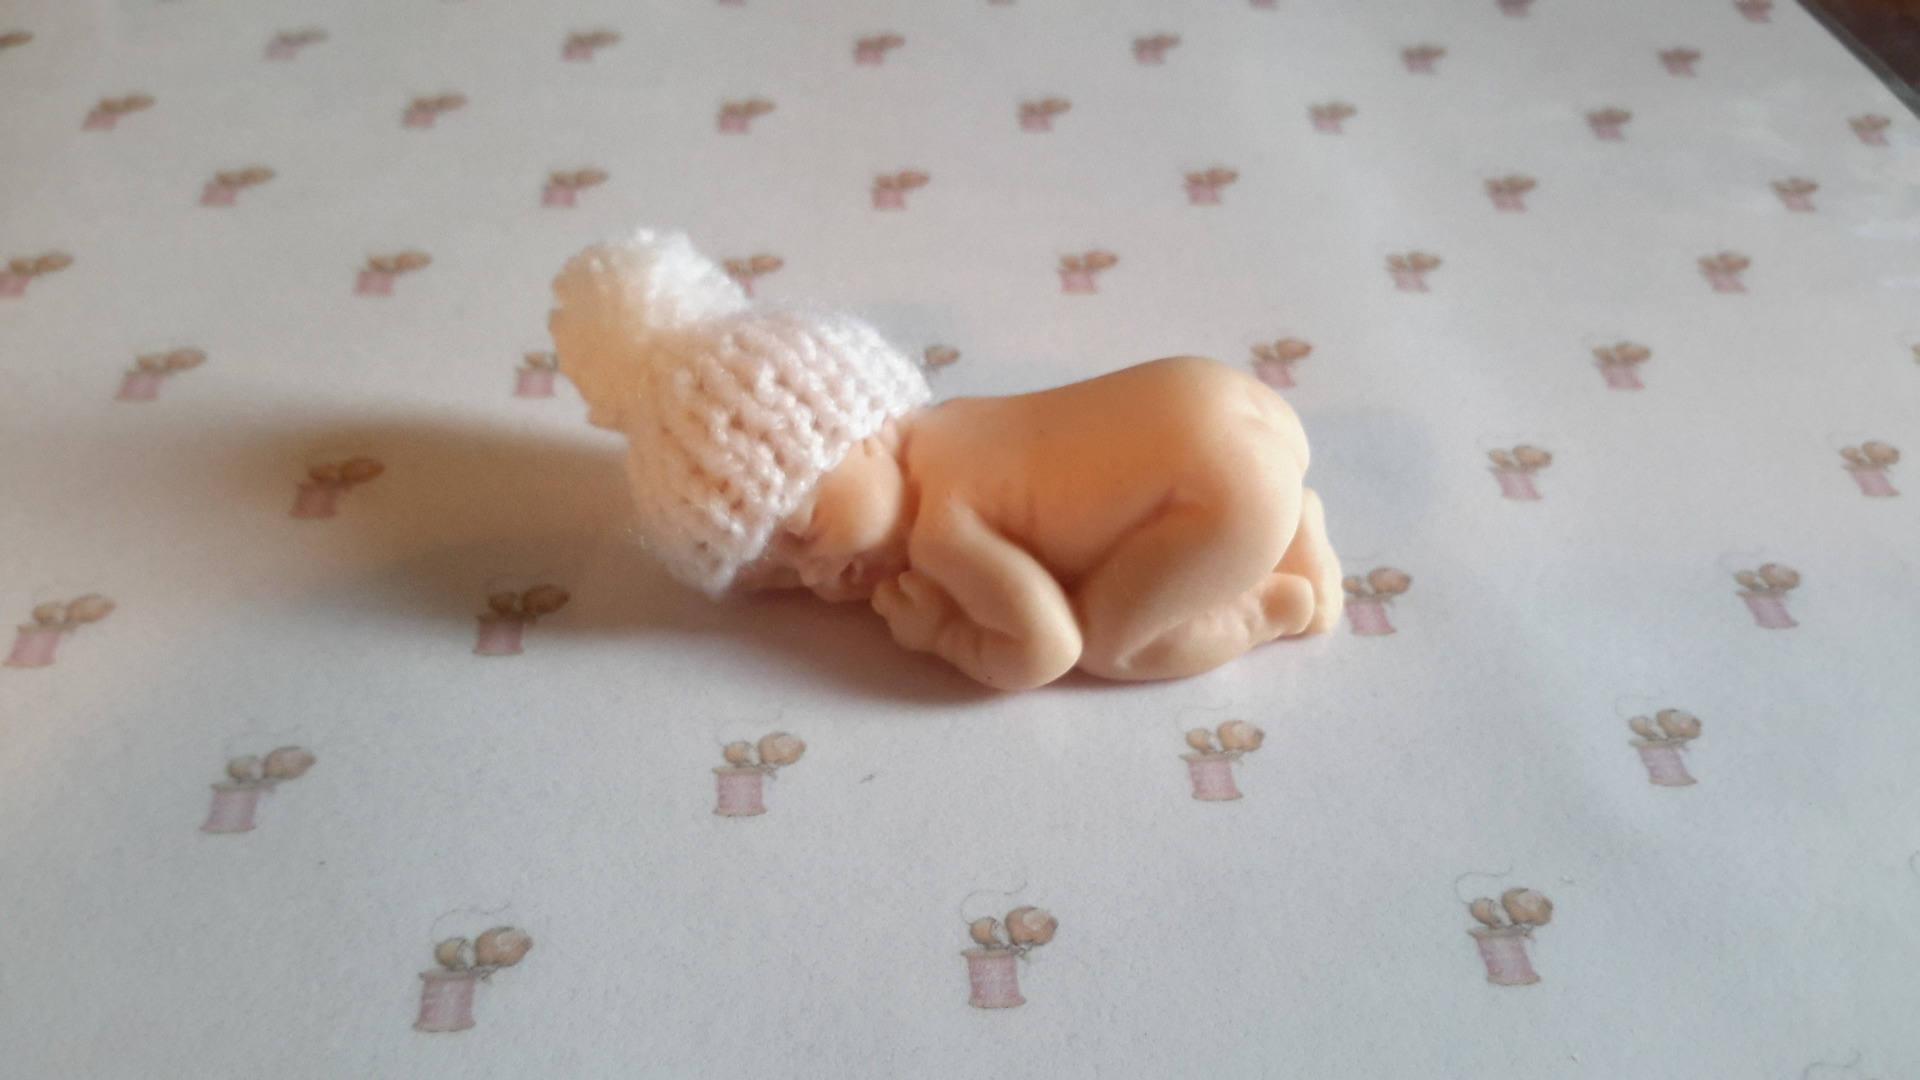 Bonnet miniature blanc